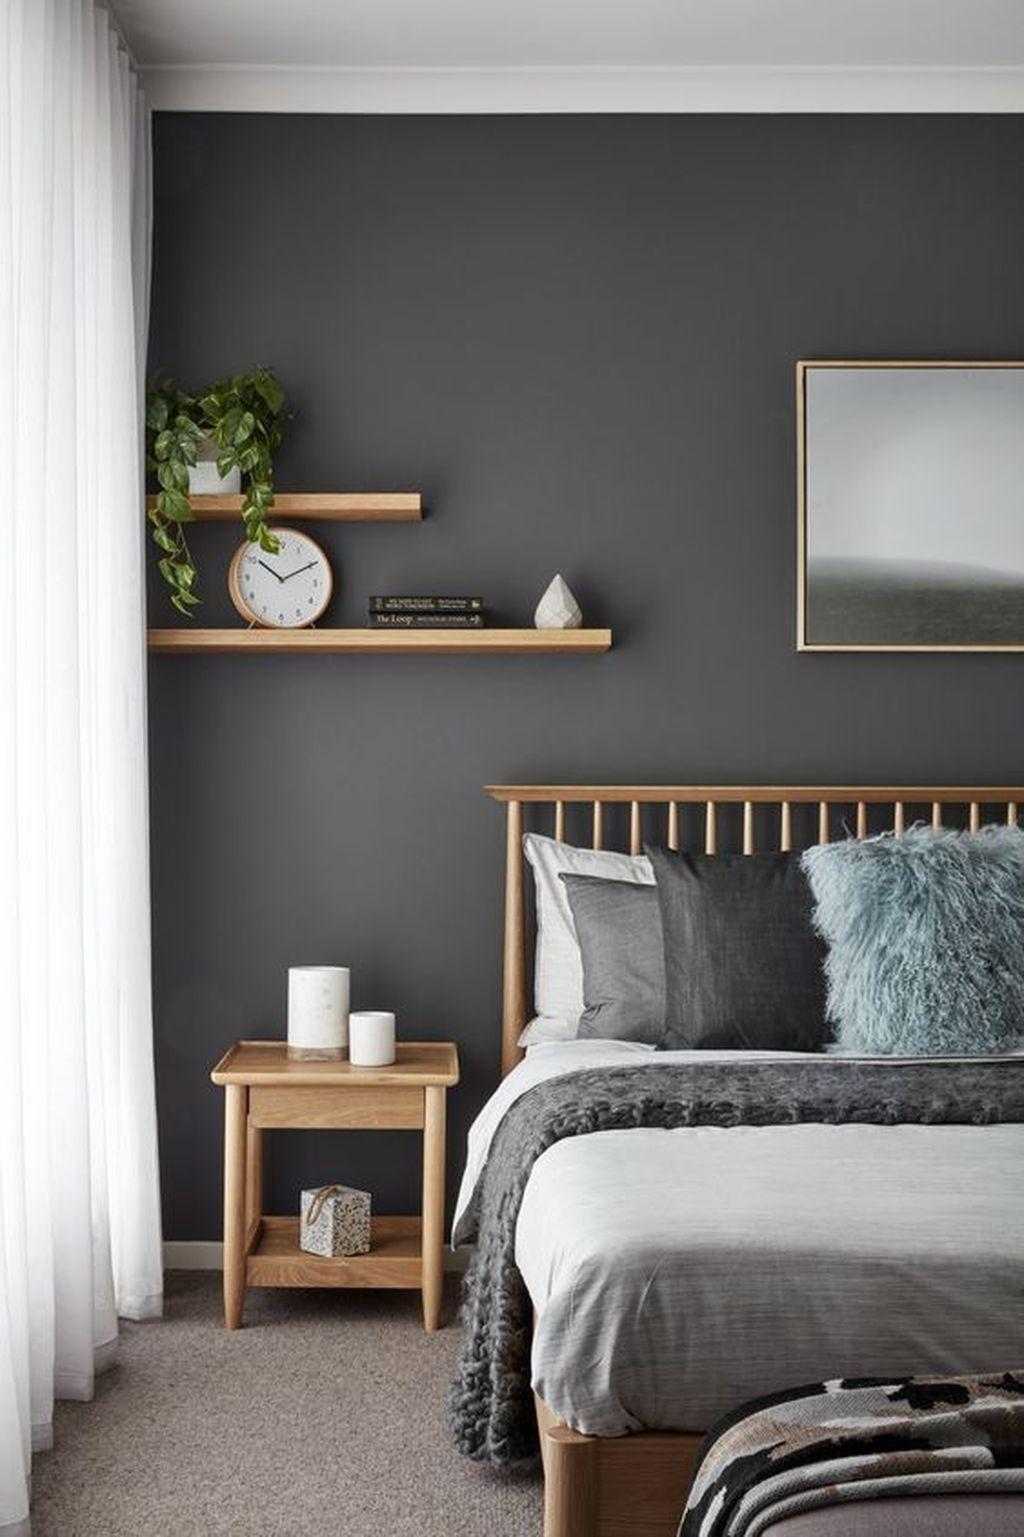 40 Fancy Wall Decor Ideas To Beautify Your Bedroom 2020 Yatak Odasi Ic Mekan Yatak Odasi Ic Tasarimi Ev Icin